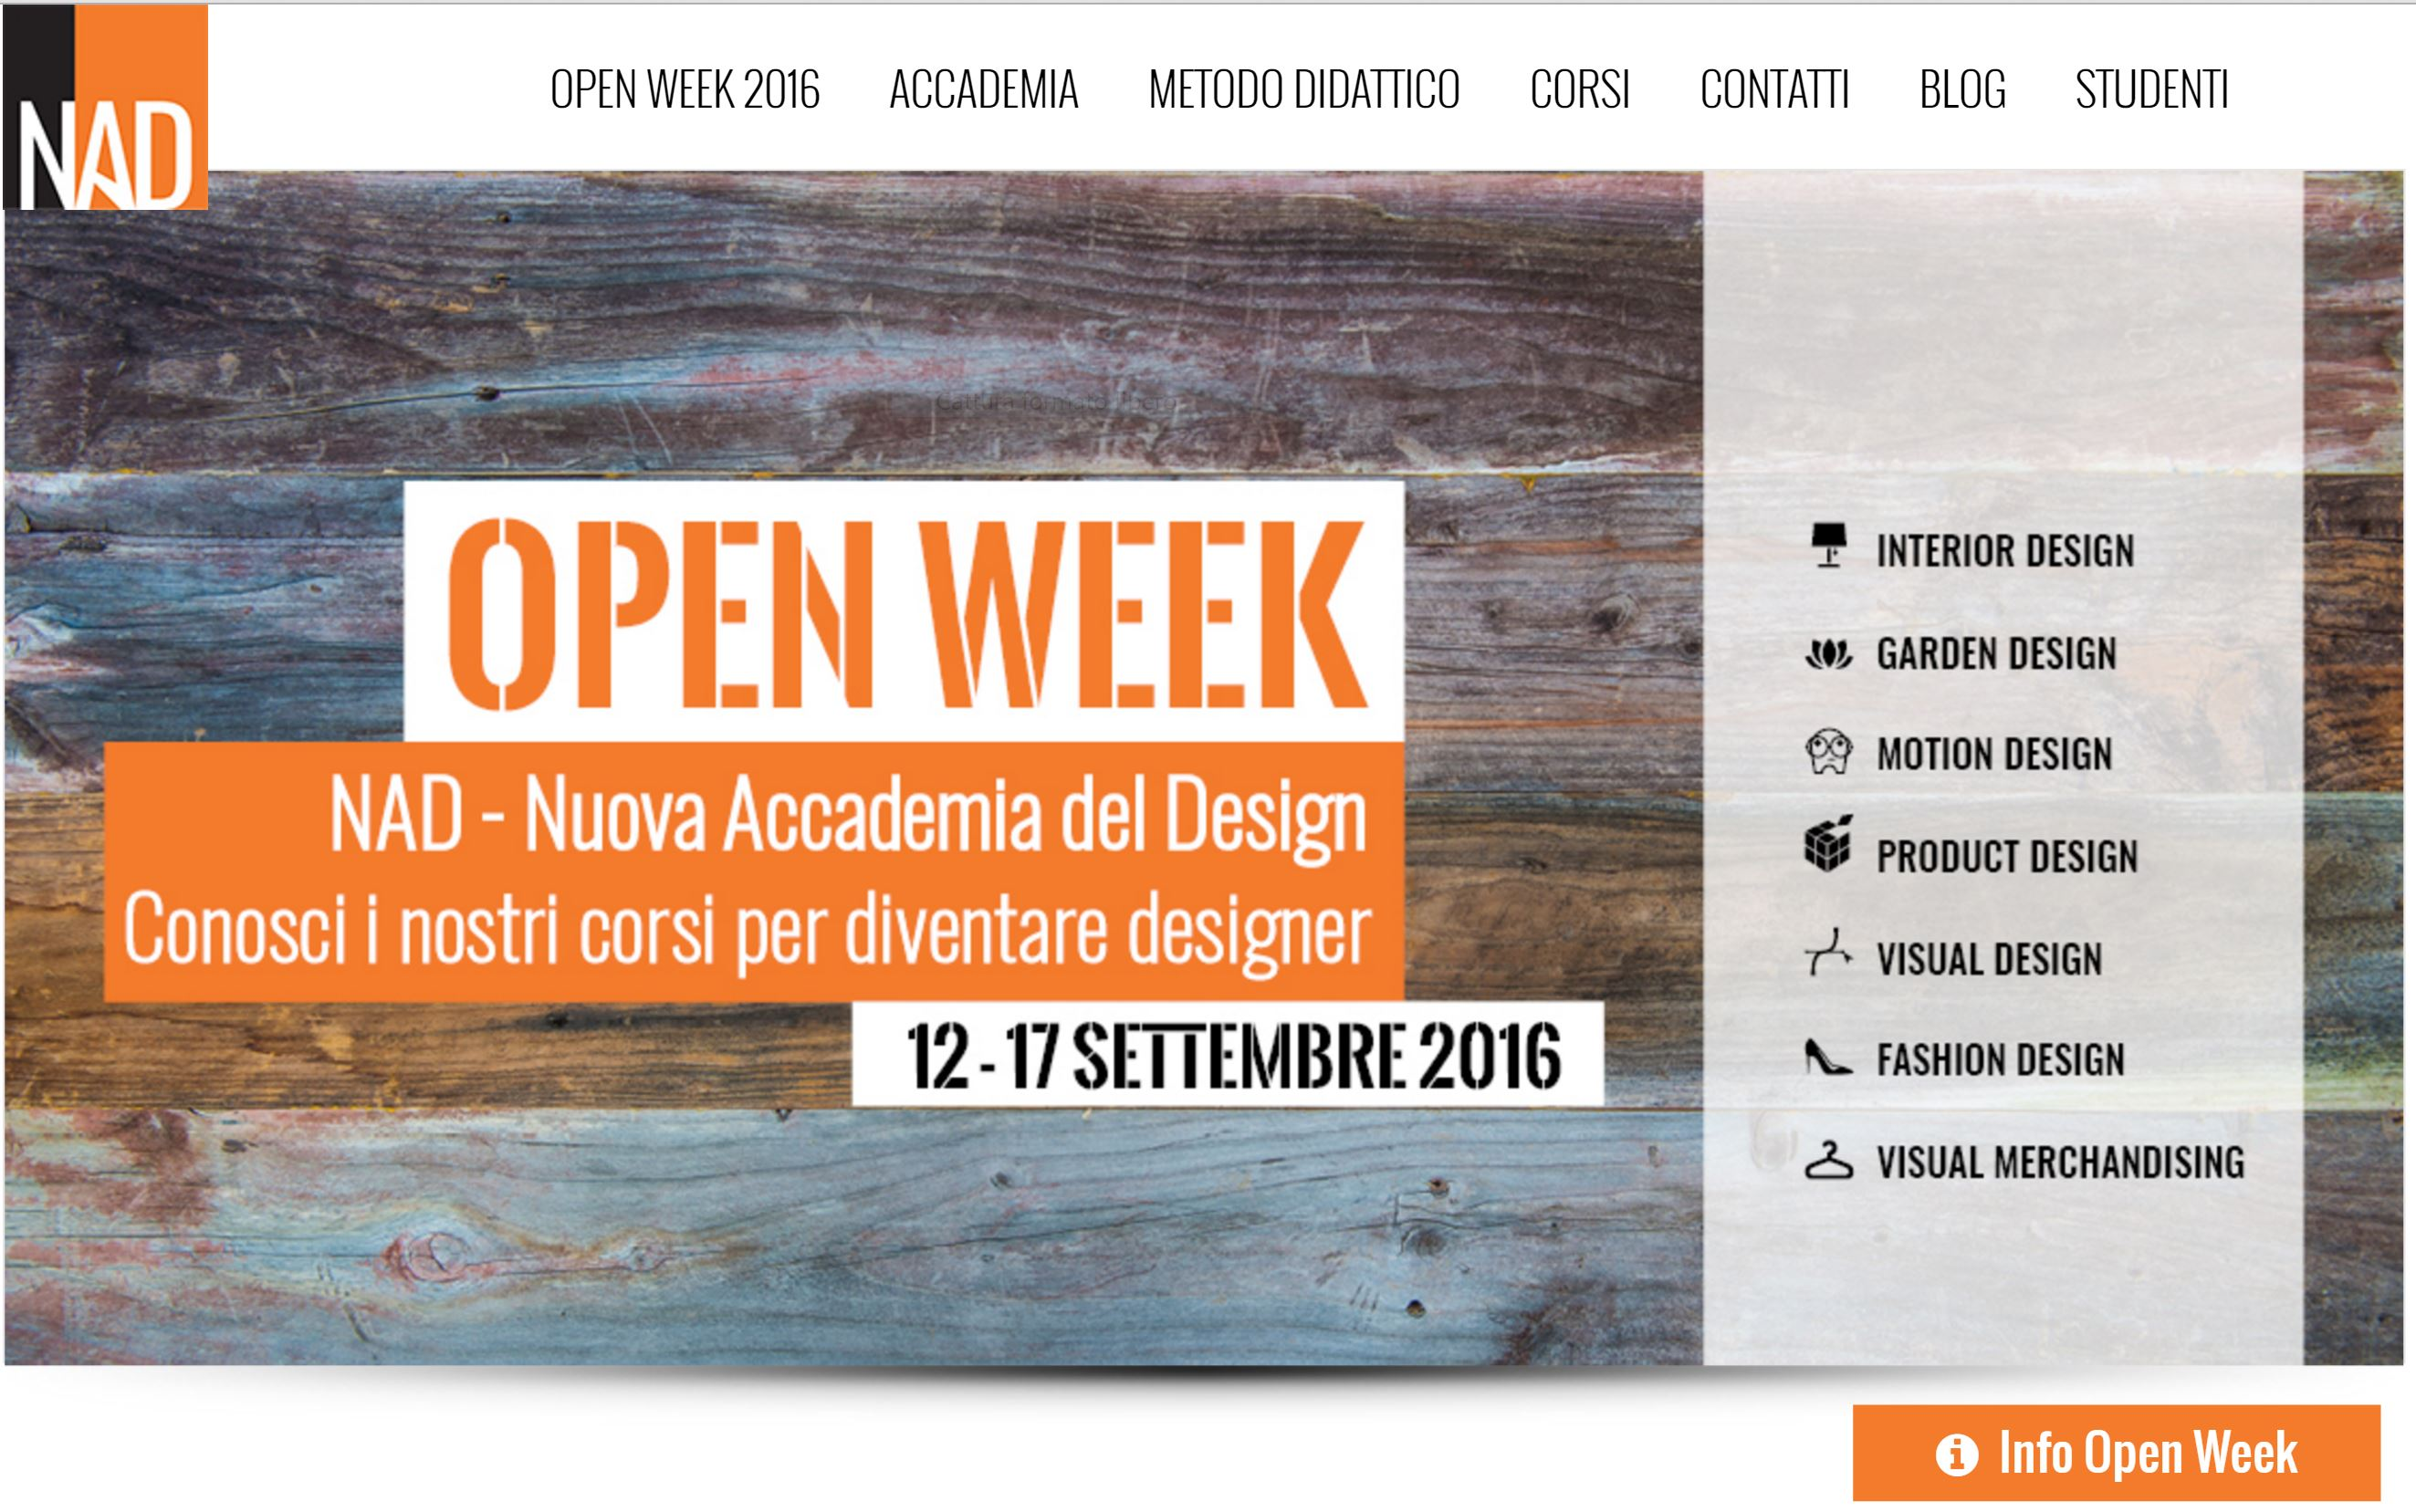 Nuova Accademia Del Design open week nad nuova accademia del design 12-17 settembre 2016